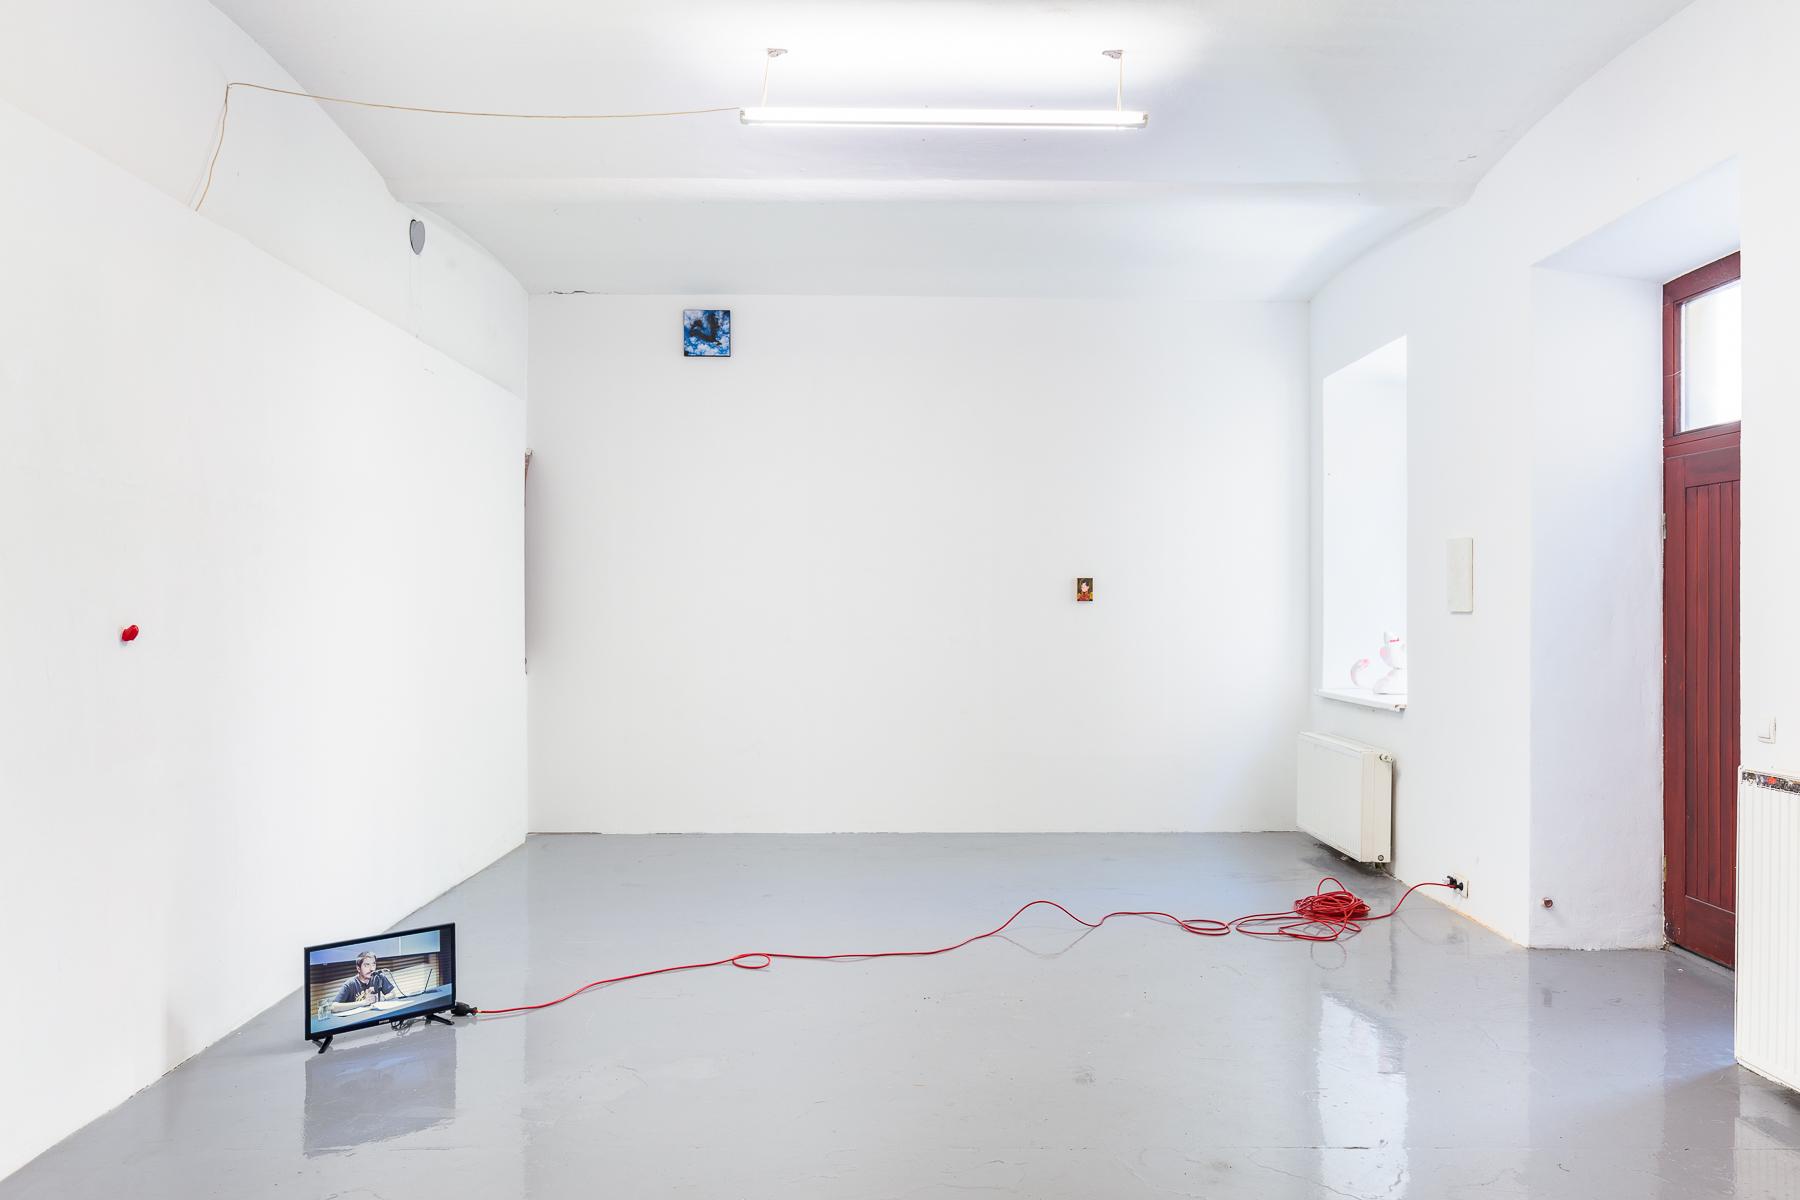 2019_07_23_Ebullicion_Kunstraum-am-Schauplatz_028_web.jpg